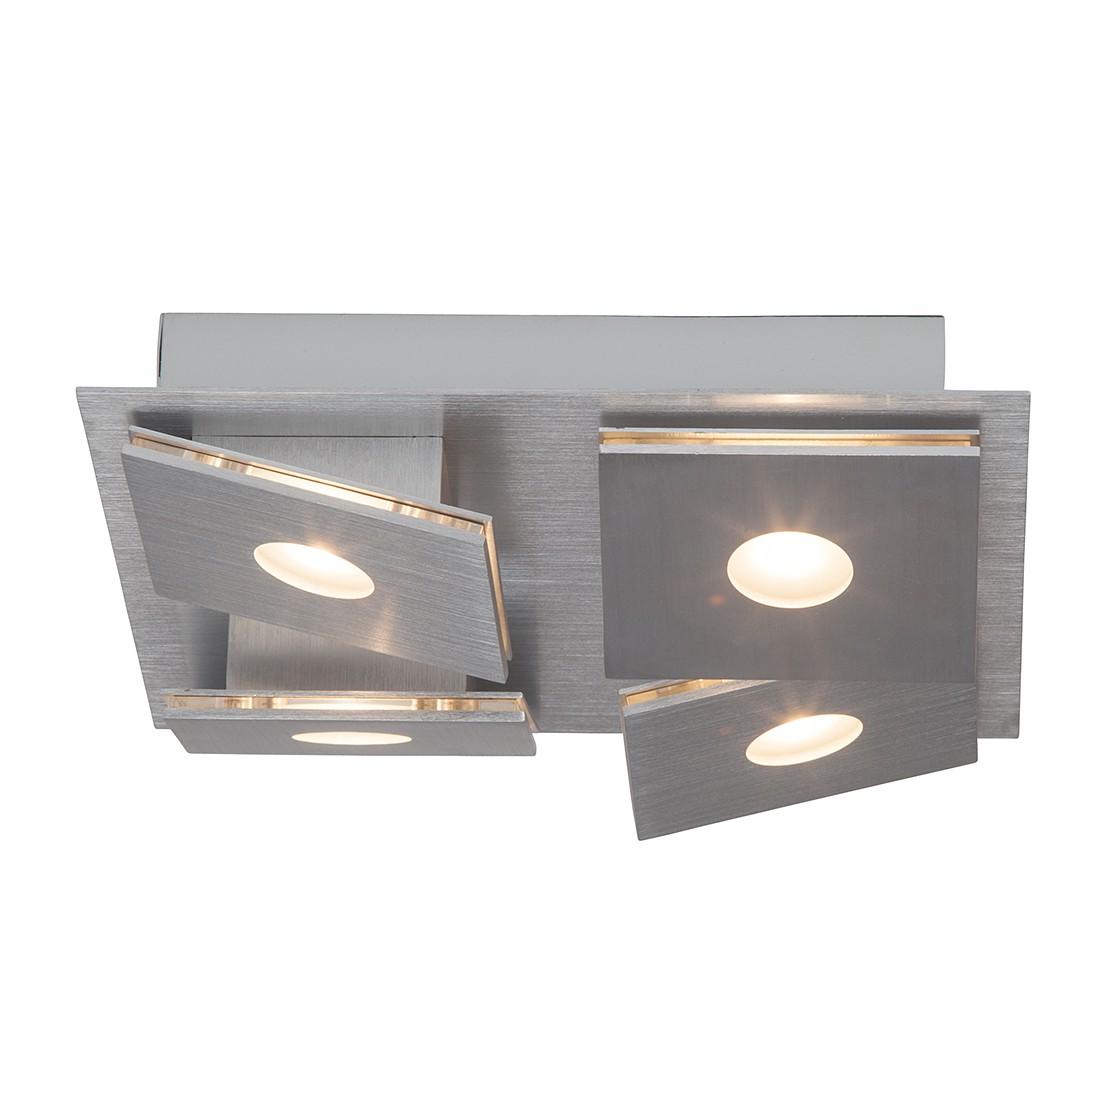 wand und deckenleuchte exact metall kunststoff silber 1 flammig brilliant living a g nstig kaufen. Black Bedroom Furniture Sets. Home Design Ideas